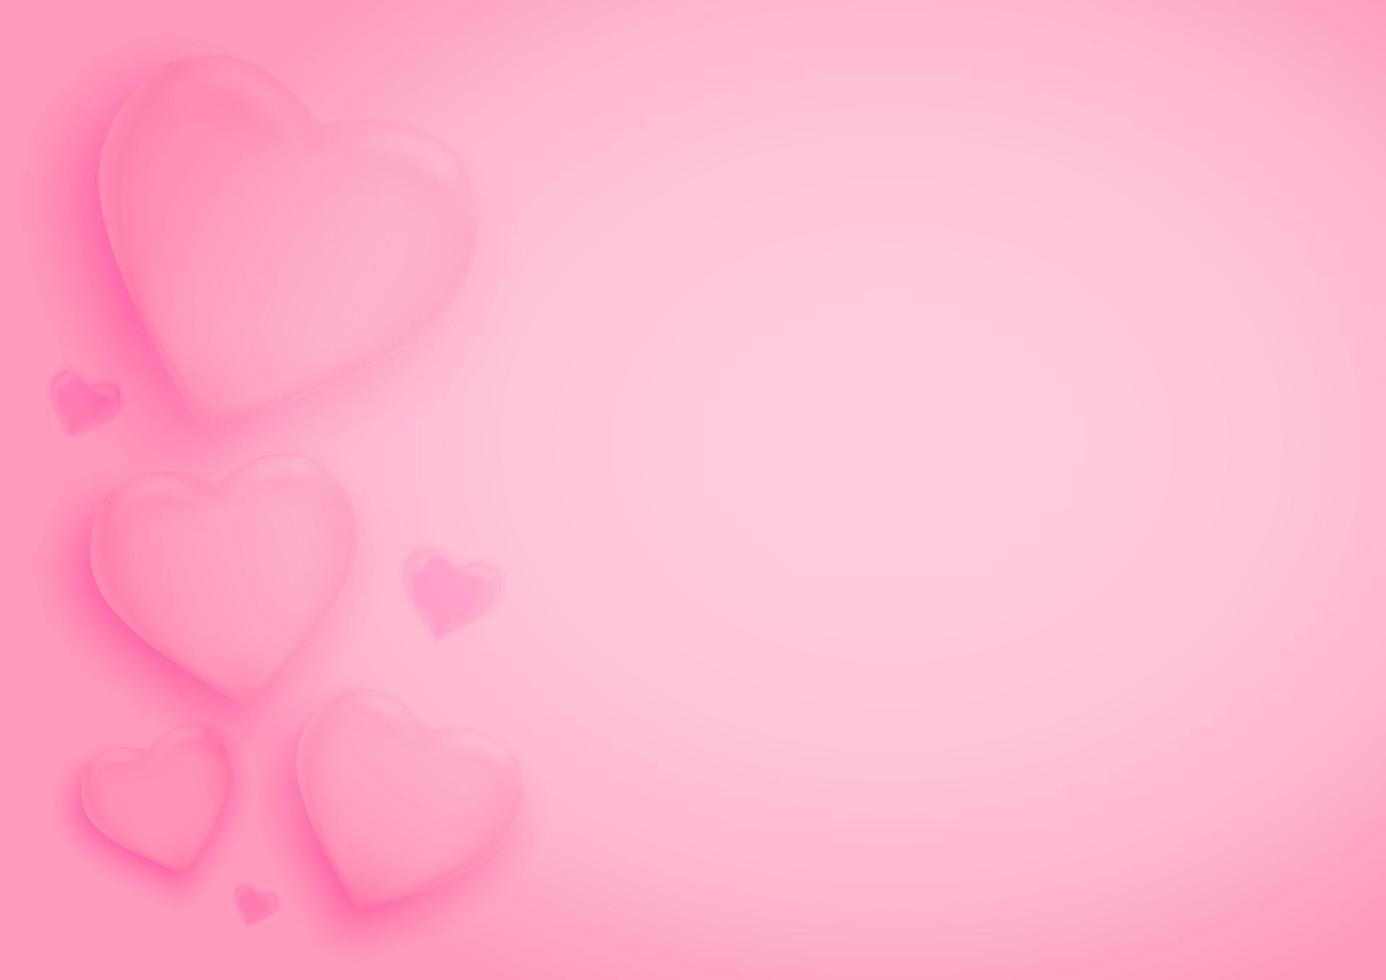 sfondo di San Valentino con cuori. illustrazione vettoriale. carta da parati, volantini, inviti, poster, brochure, banner. vettore